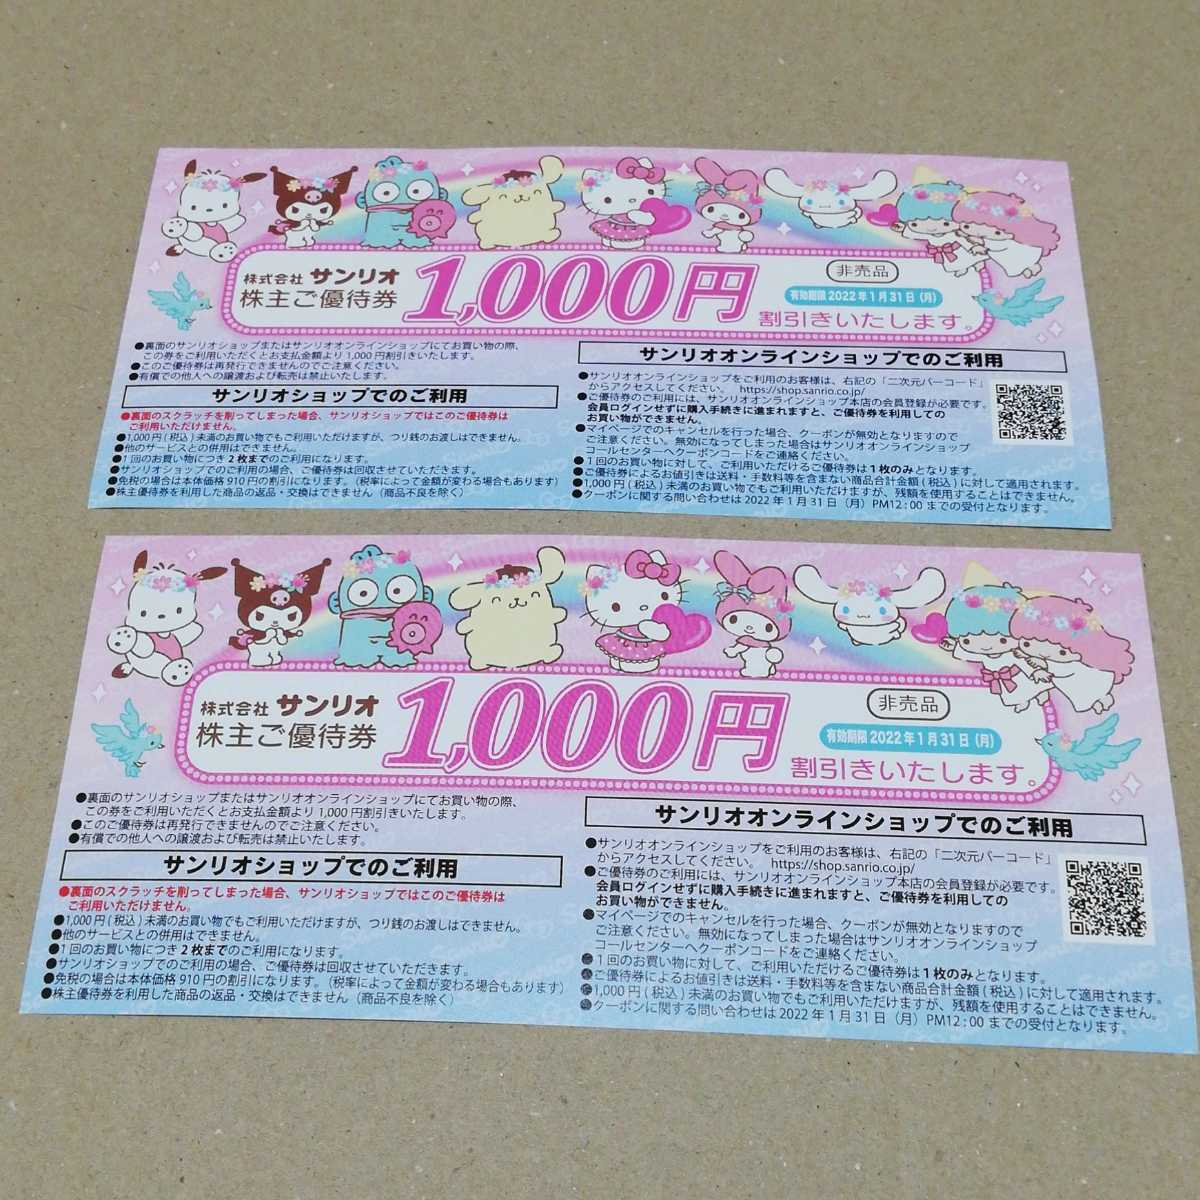 送料無料 サンリオ 株主優待券 1000円割引券 1000円クーポン 2枚 _画像1